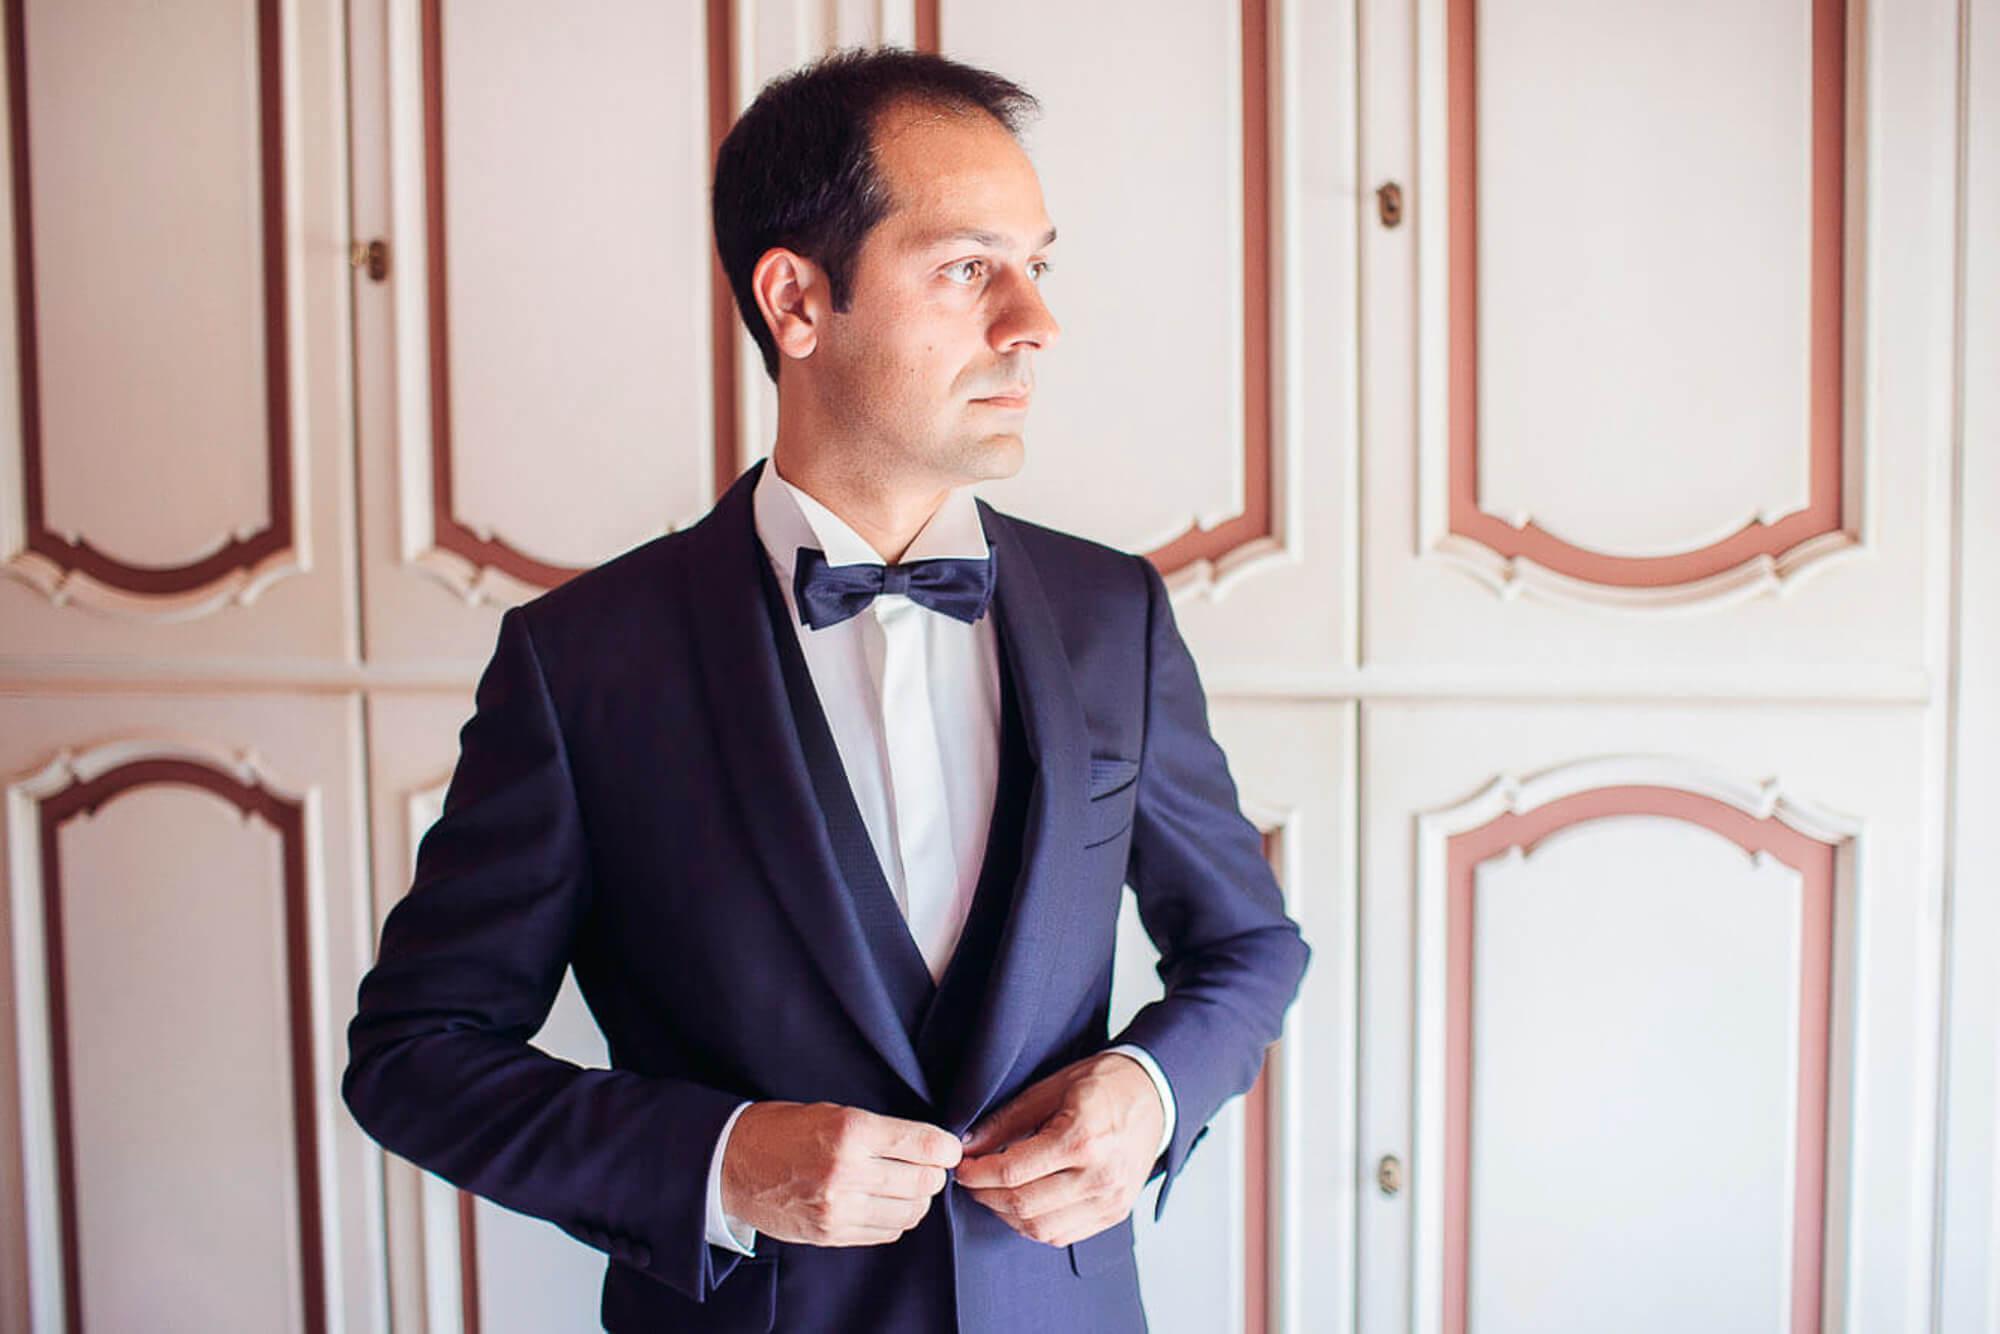 32_wedding_marche_groom getting ready.jpg